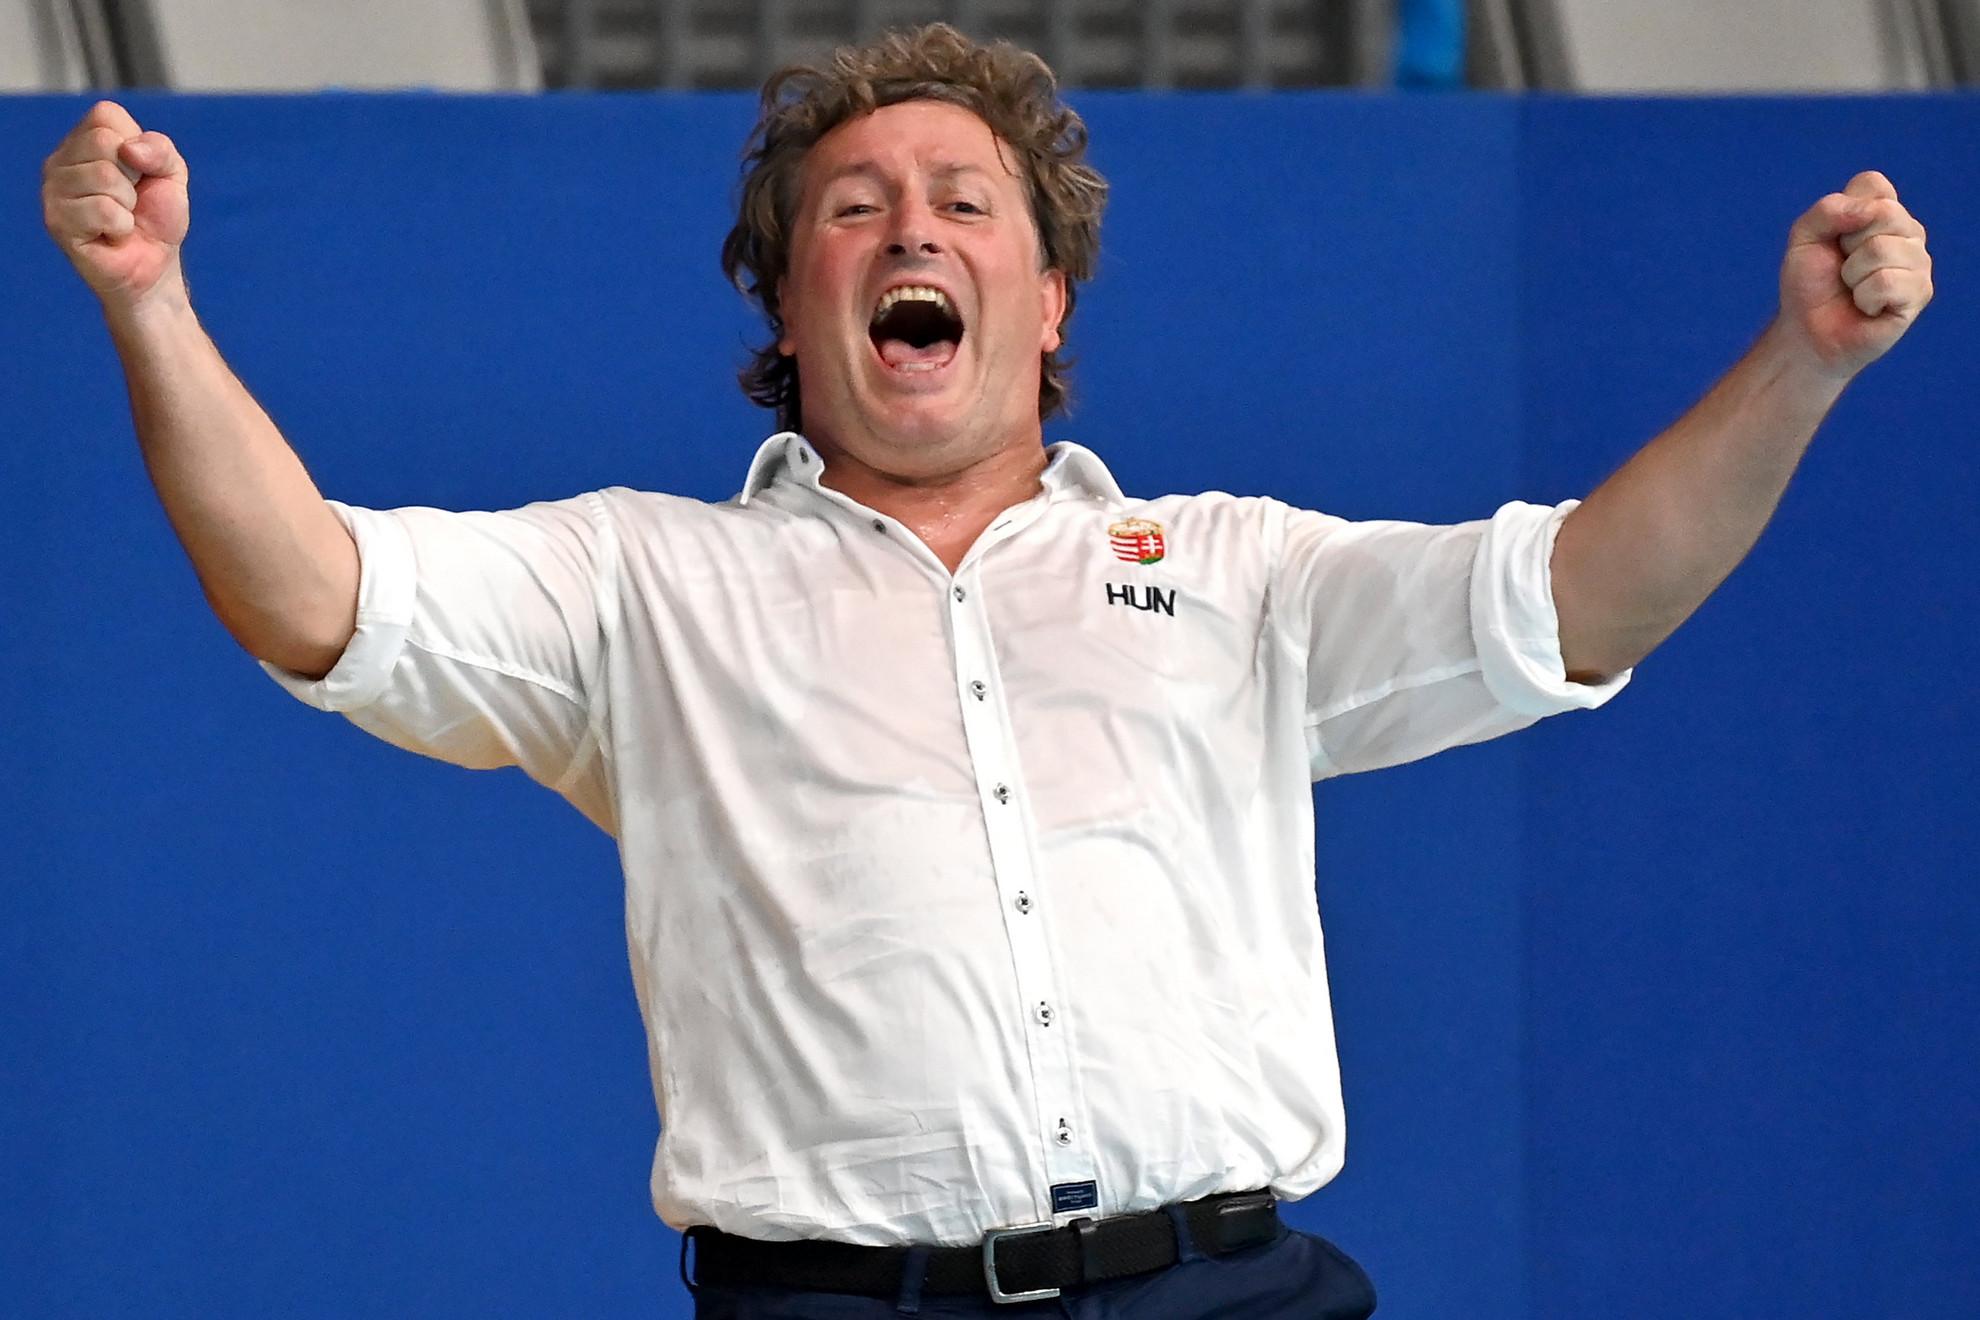 Bíró Attila szövetségi kapitány ünnepli a bronzérmes magyar csapat győzelmét a világméretű koronavírus-járvány miatt 2021-re halasztott 2020-as tokiói nyári olimpia női vízilabdatornáján a harmadik helyért játszott Magyarország - Orosz Olimpiai Csapat mérkőzés végén a Tacumi Vízilabdaközpontban 2021. augusztus 7-én